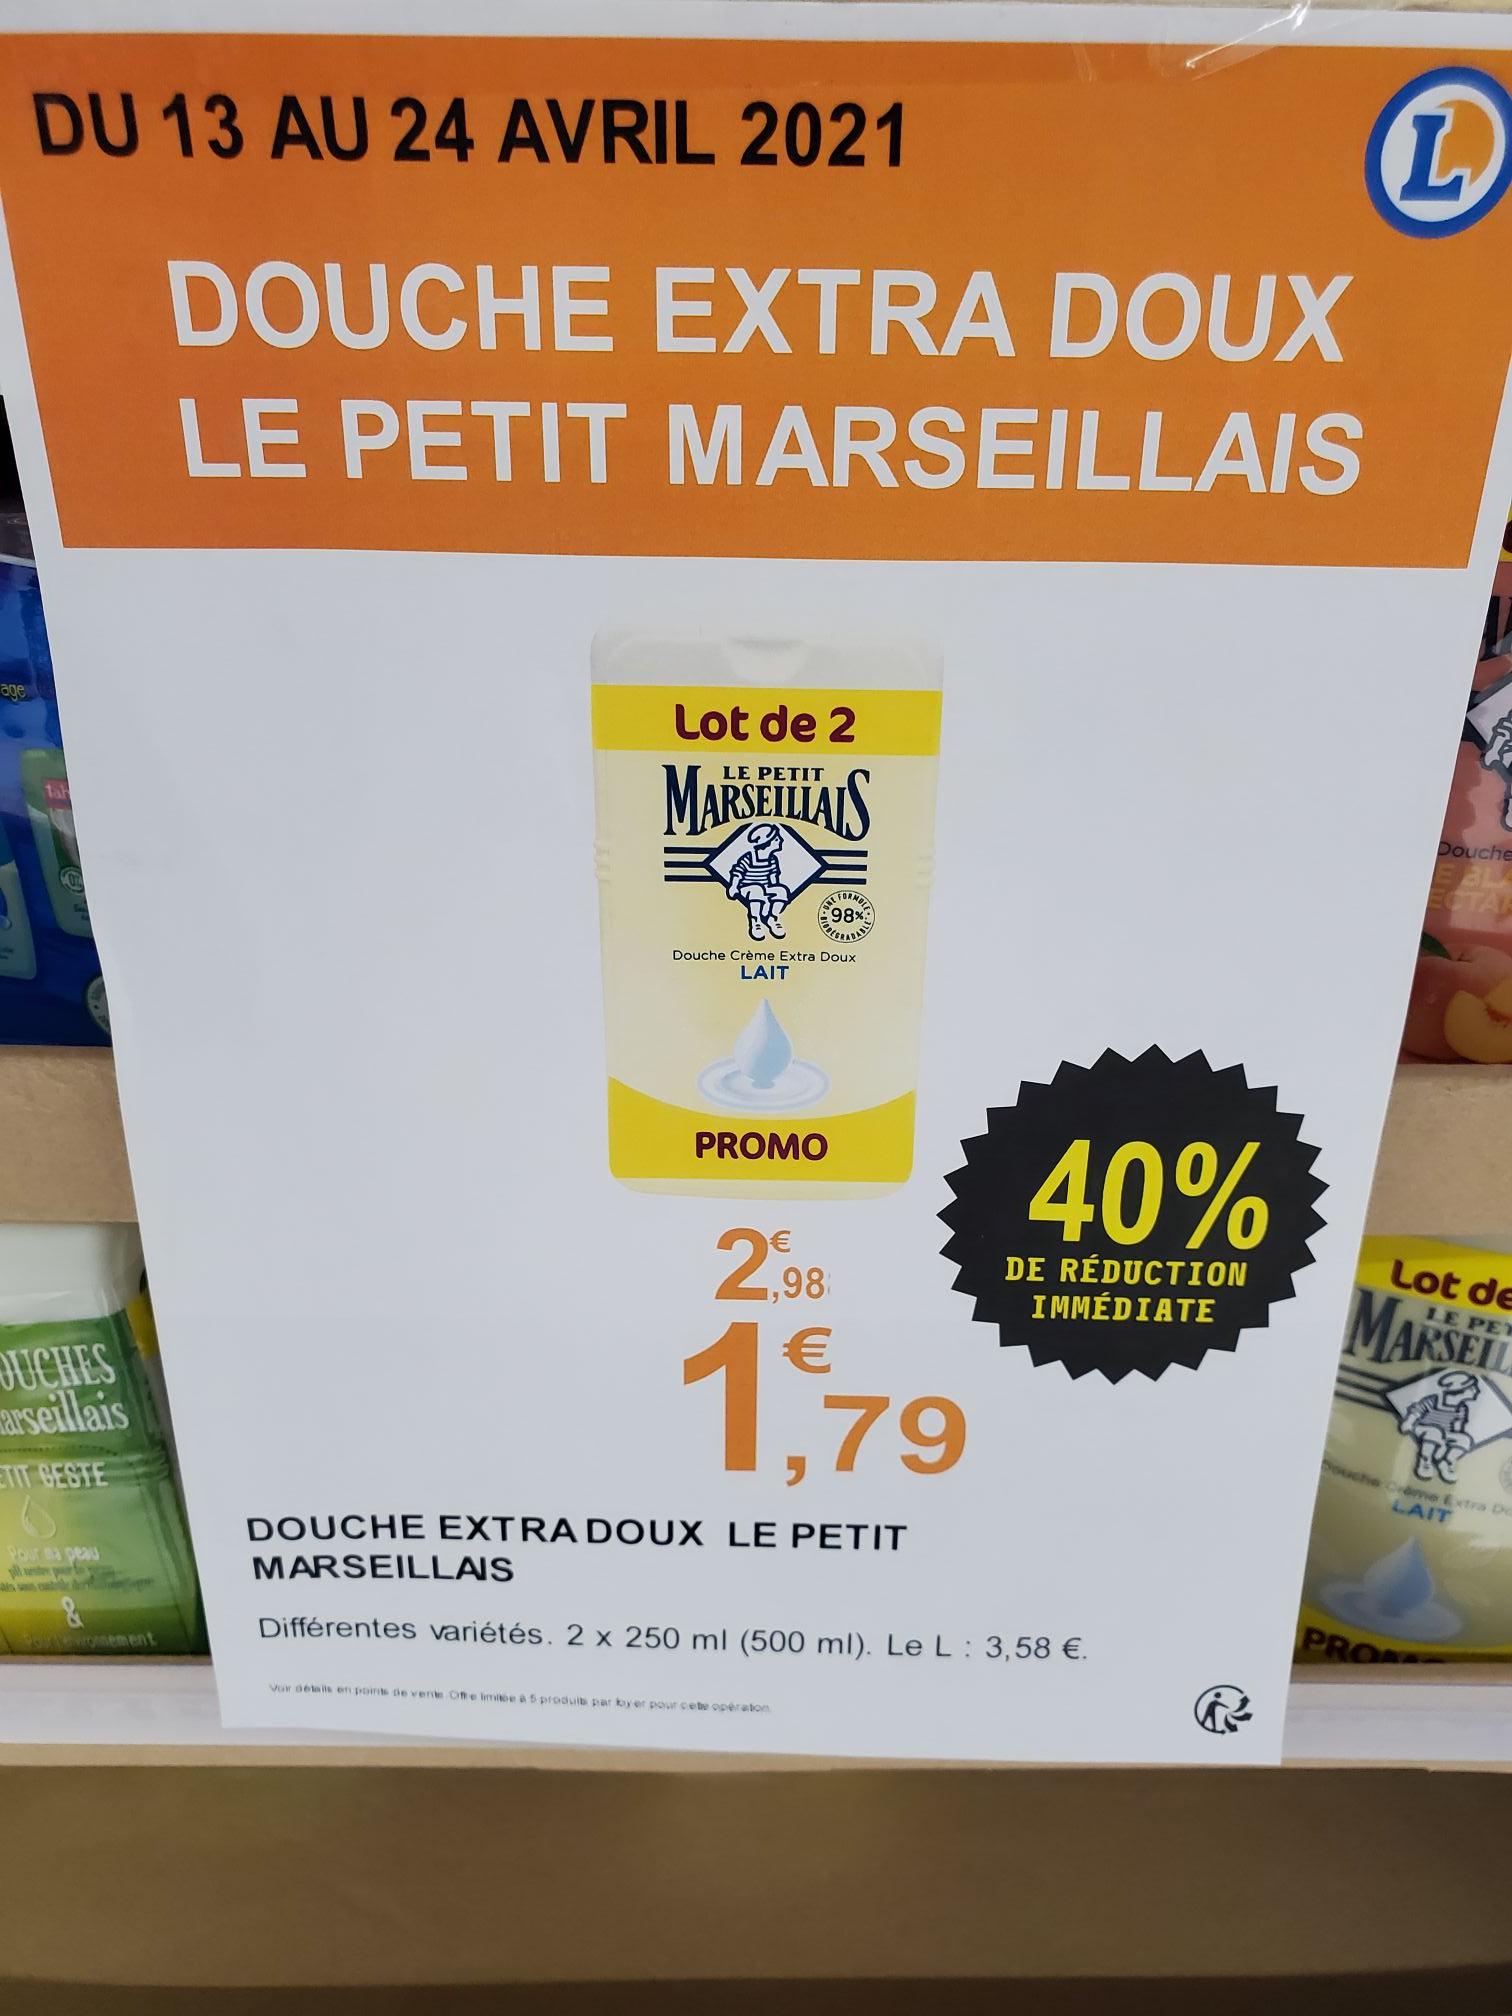 Lot de 2 gels-douche Le Petit Marseillais Douche Crème Extra Doux (2x250 ml) - Massy (91)